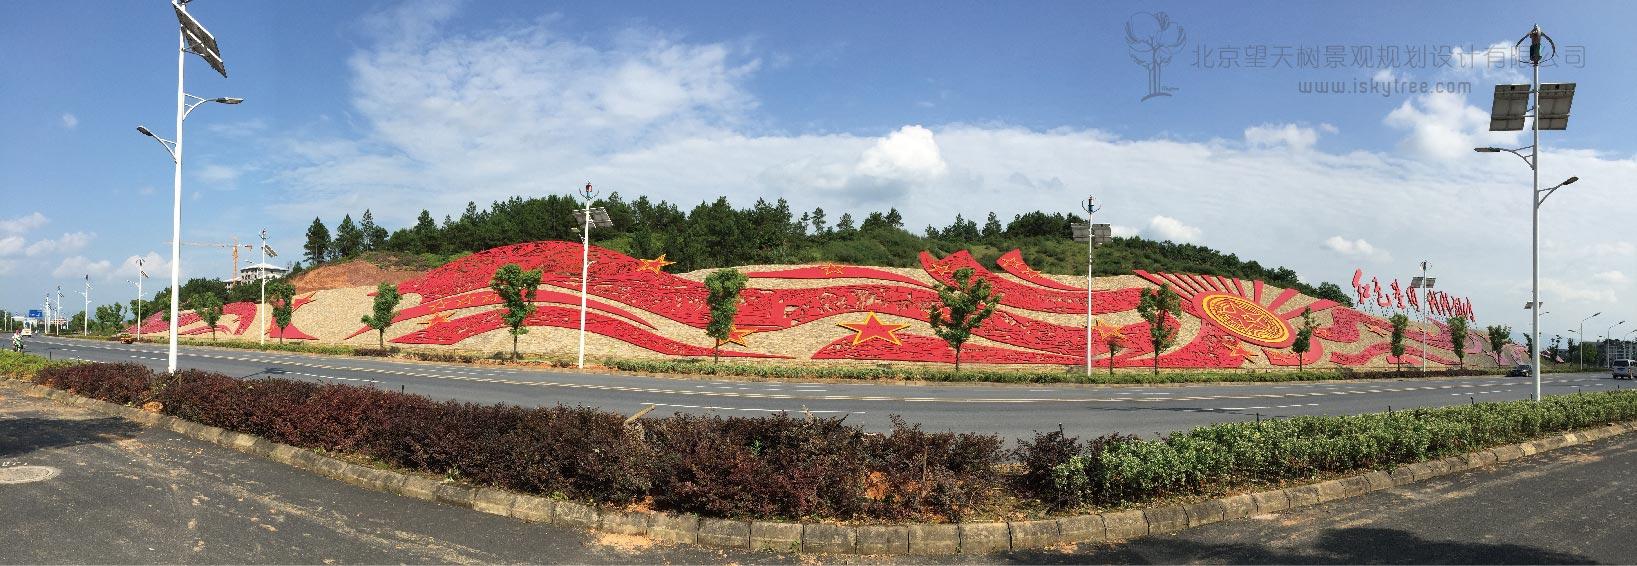 永新县红飘带项目完工后现场实景照片